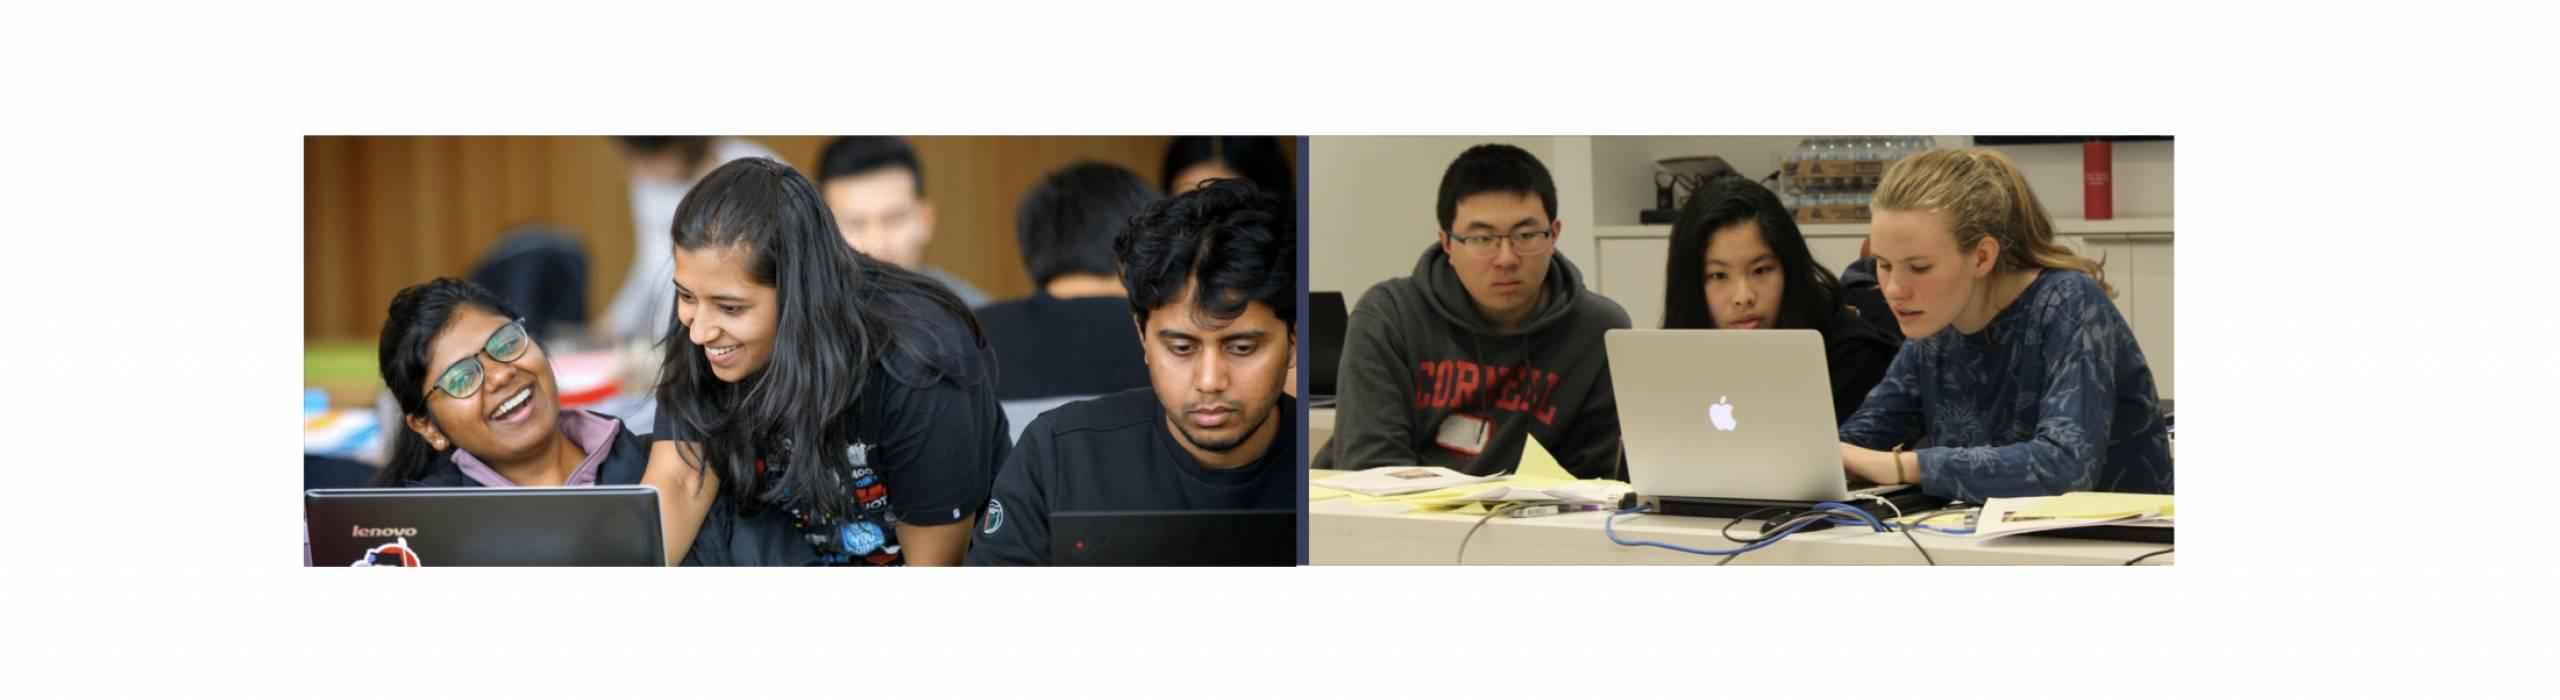 Research —Undergraduates